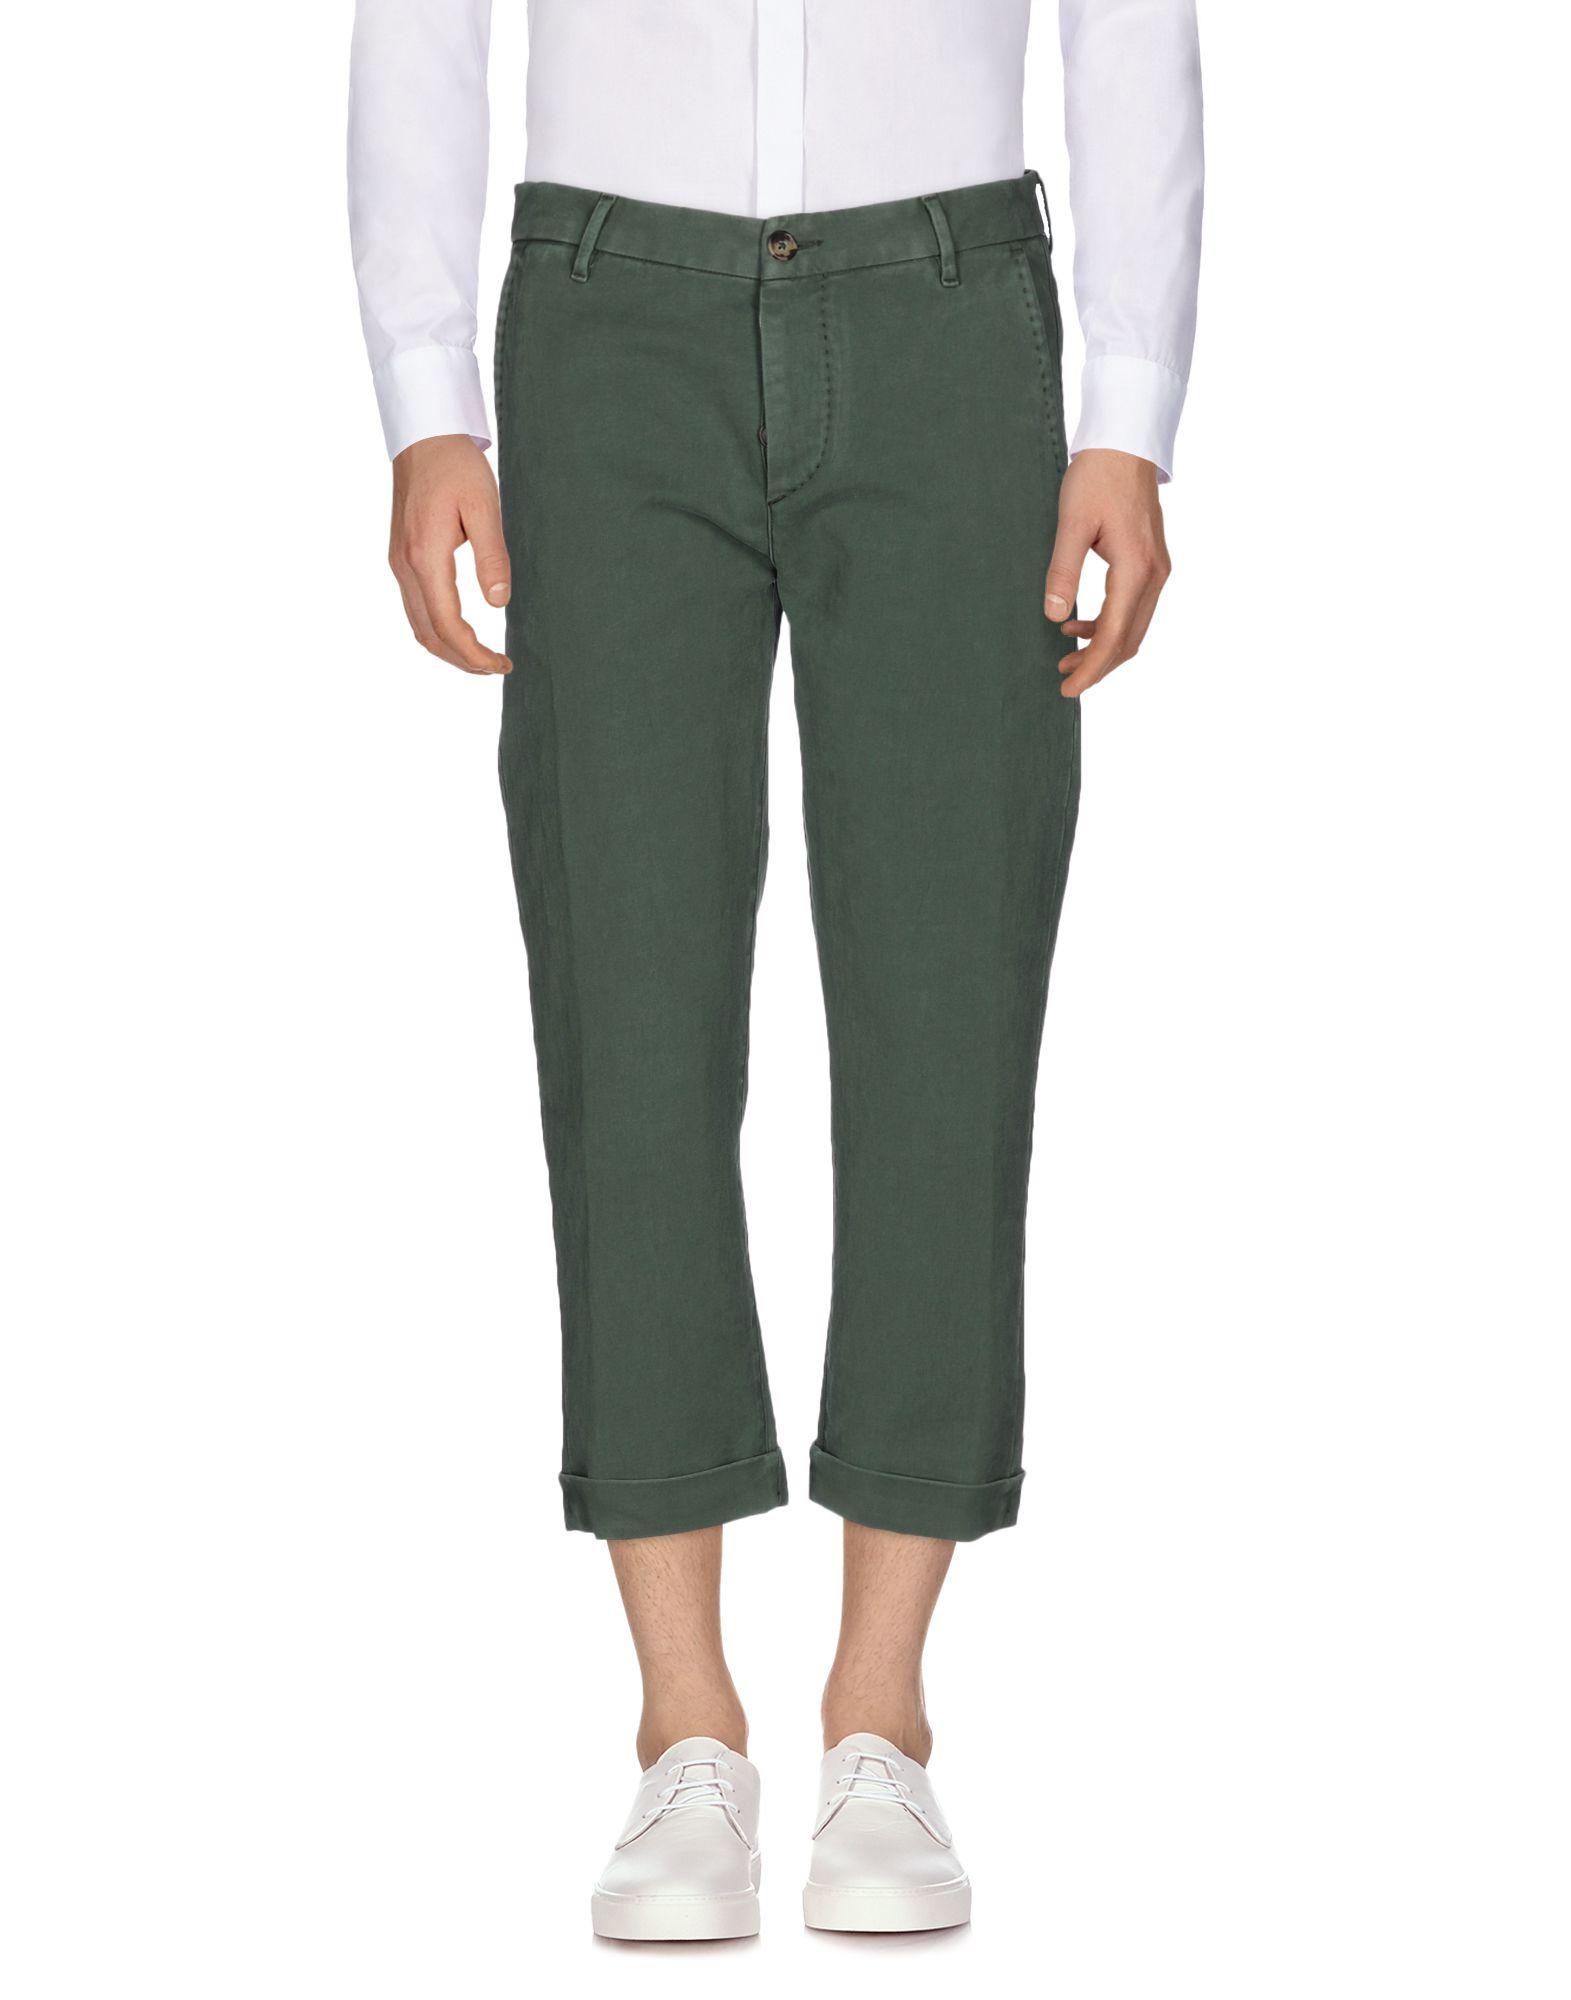 CARE LABEL Брюки-капри брюки для беременных topshop 4 22